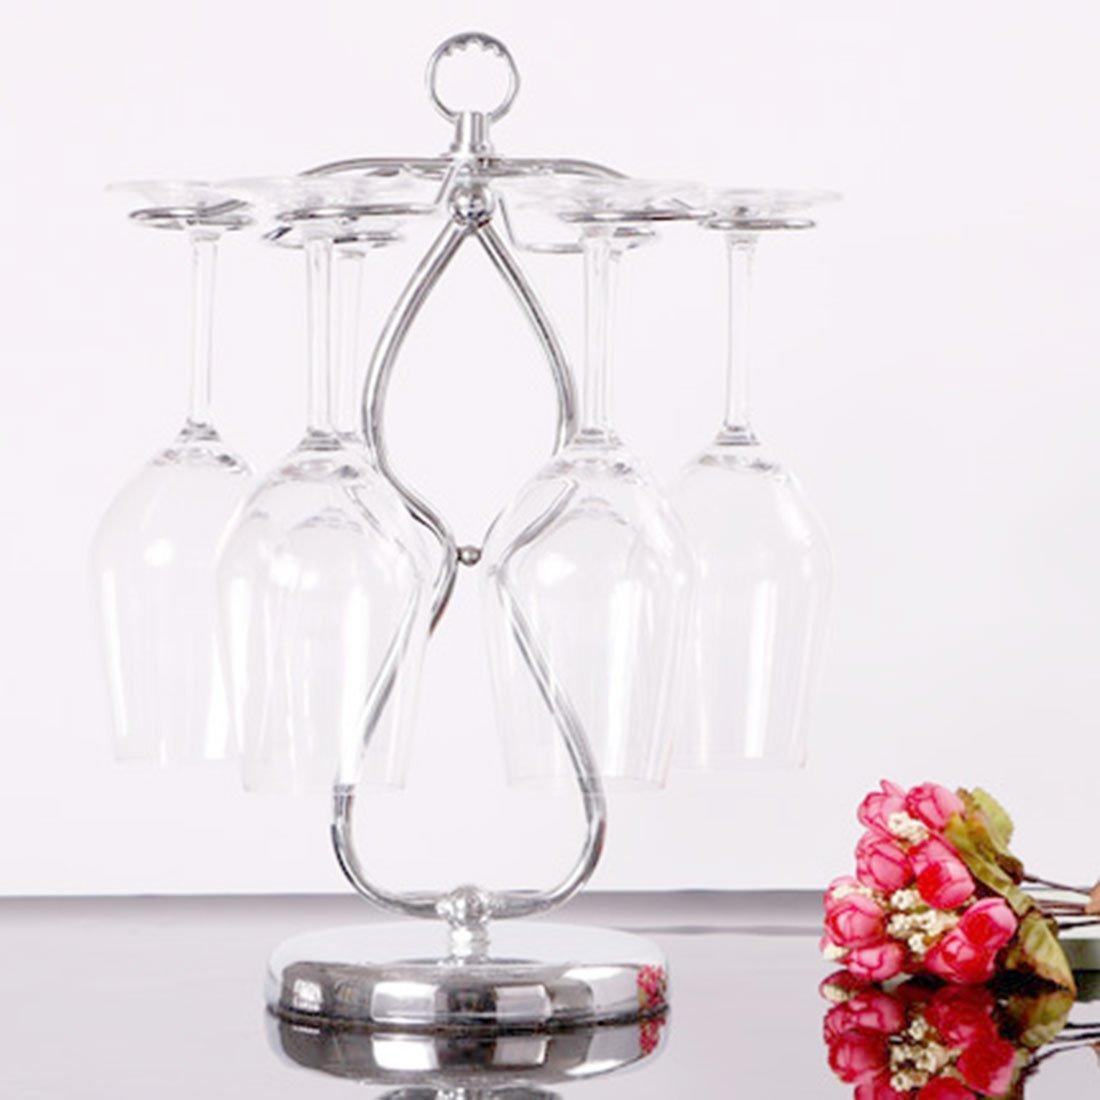 Amazon.com: eDealMax metal cocina del hogar del diseño del corazón botella de vino Copa del sostenedor del estante Permanente tono de plata: Kitchen & ...